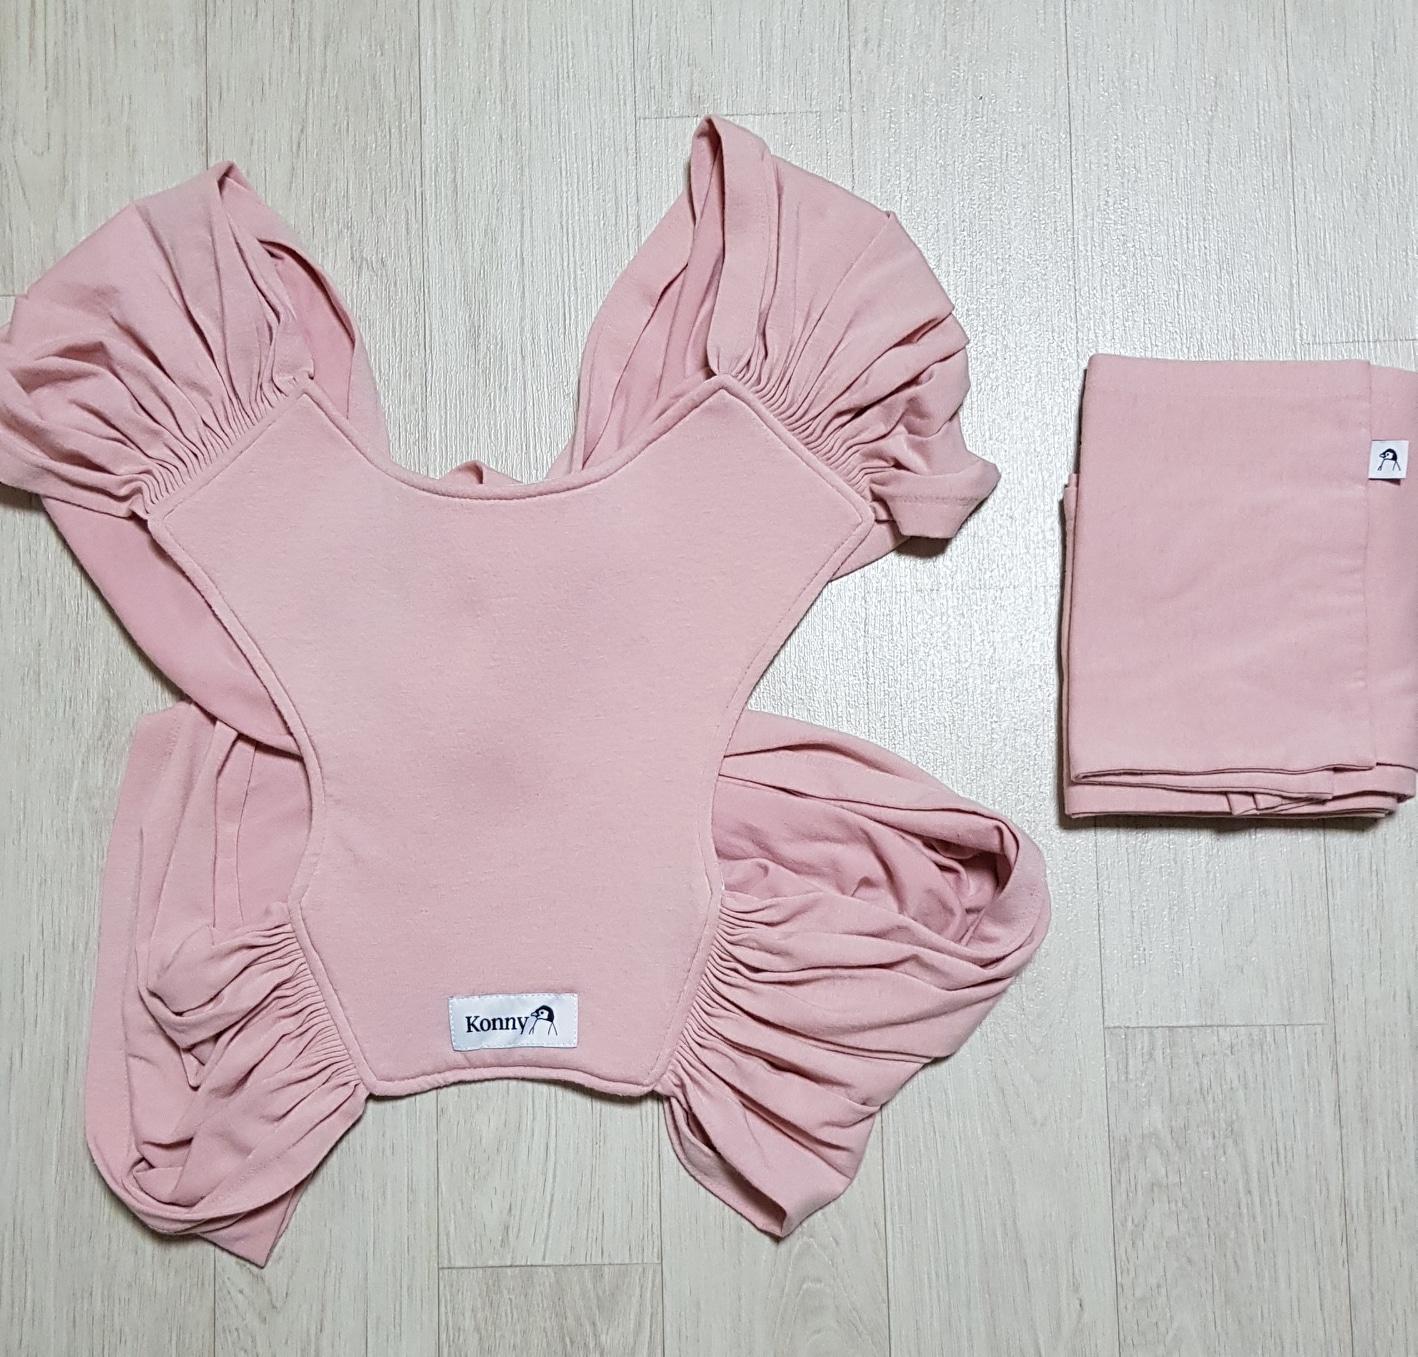 코니아기띠 L 핑크